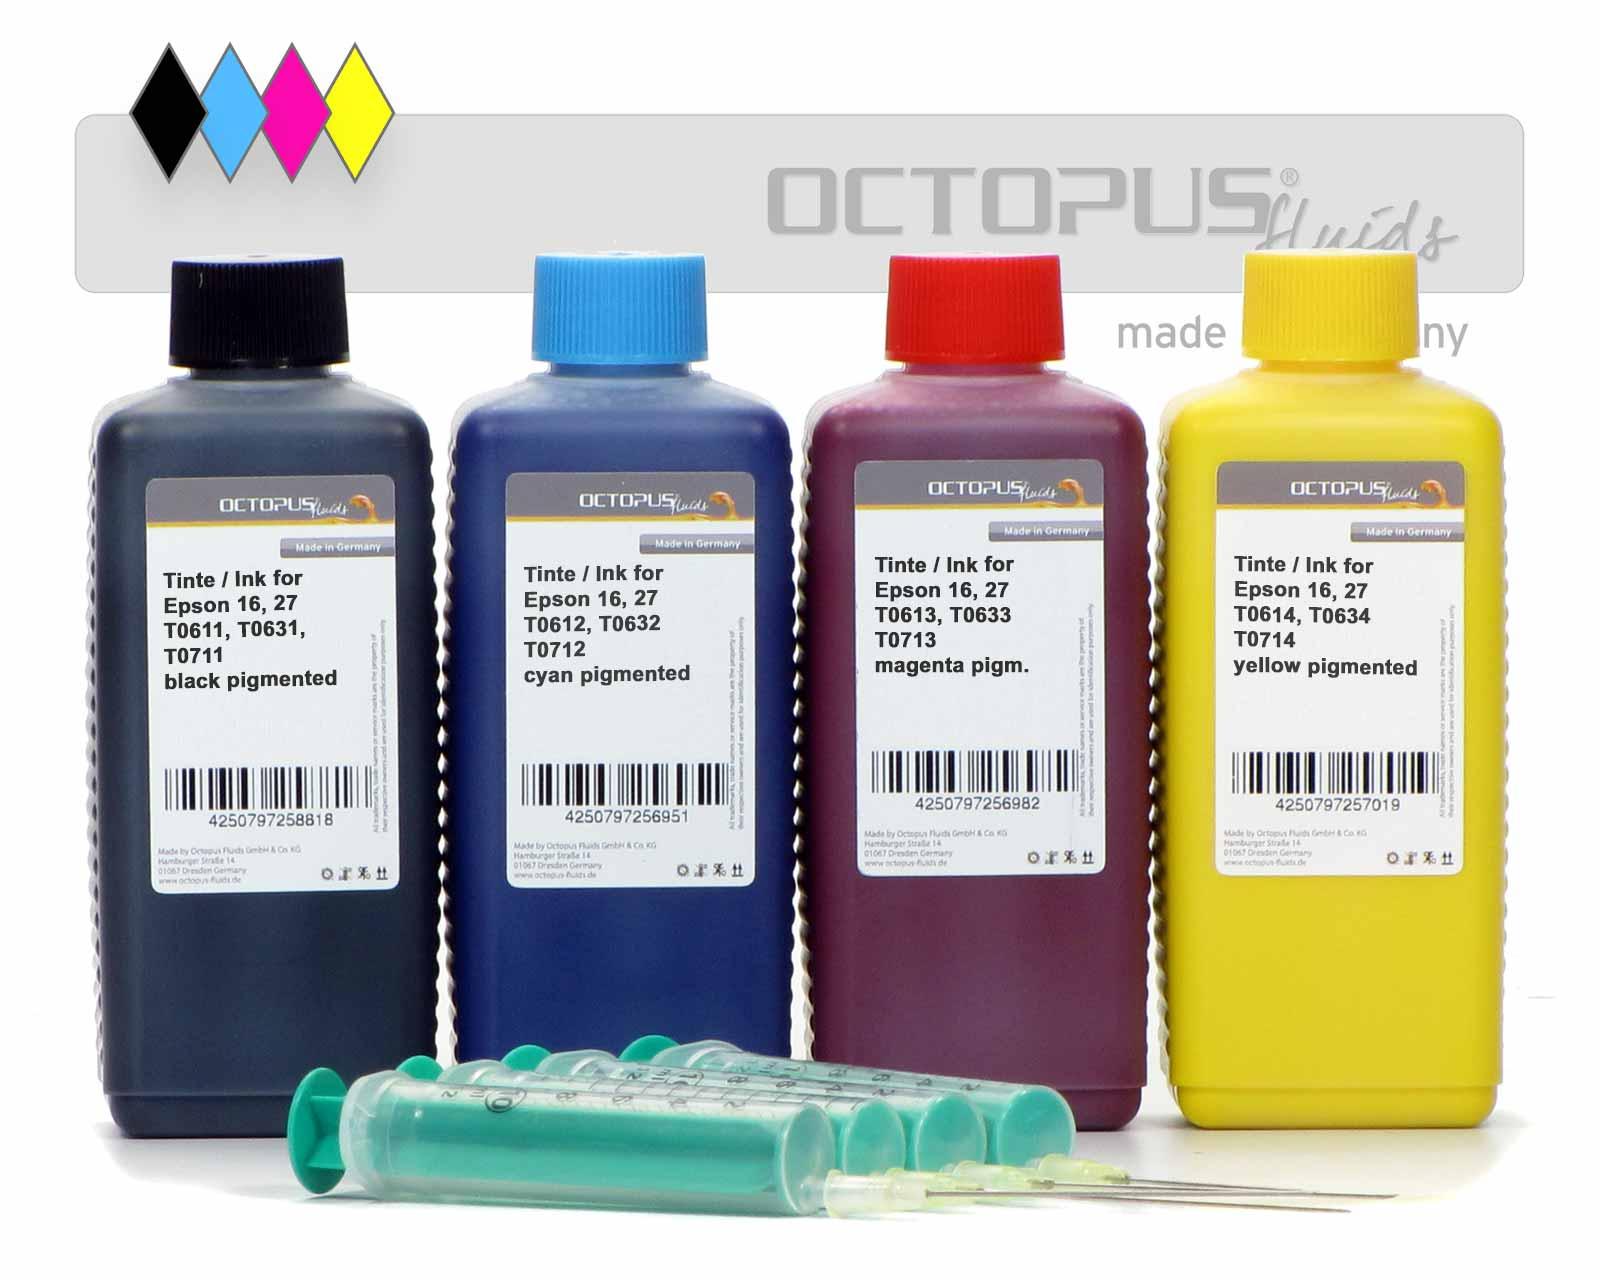 Druckertinten für Epson 16, 27, T061x, T063x, T071x, alle 4 Farben